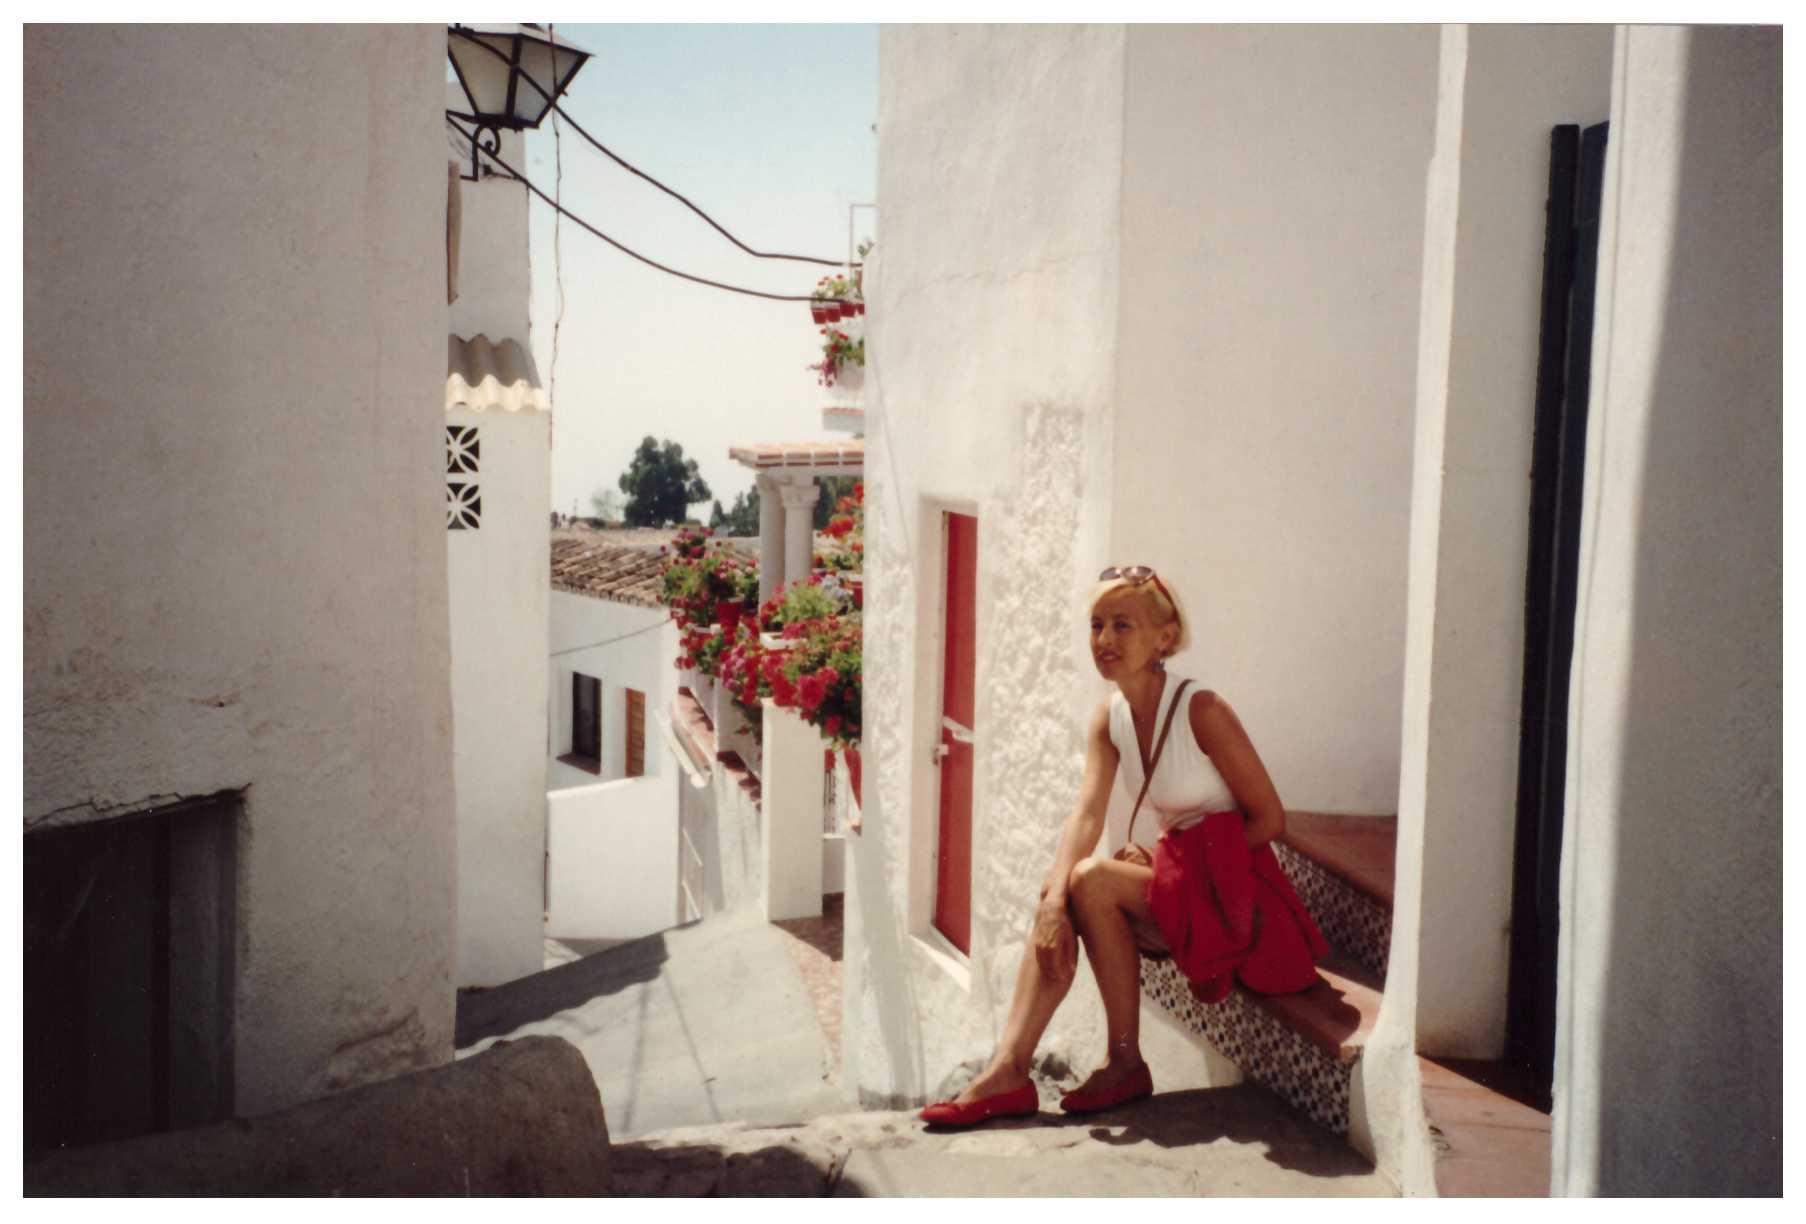 Amore & Viaggi - Piccola storia di ordinario turismo - Infatuazione iberica 2